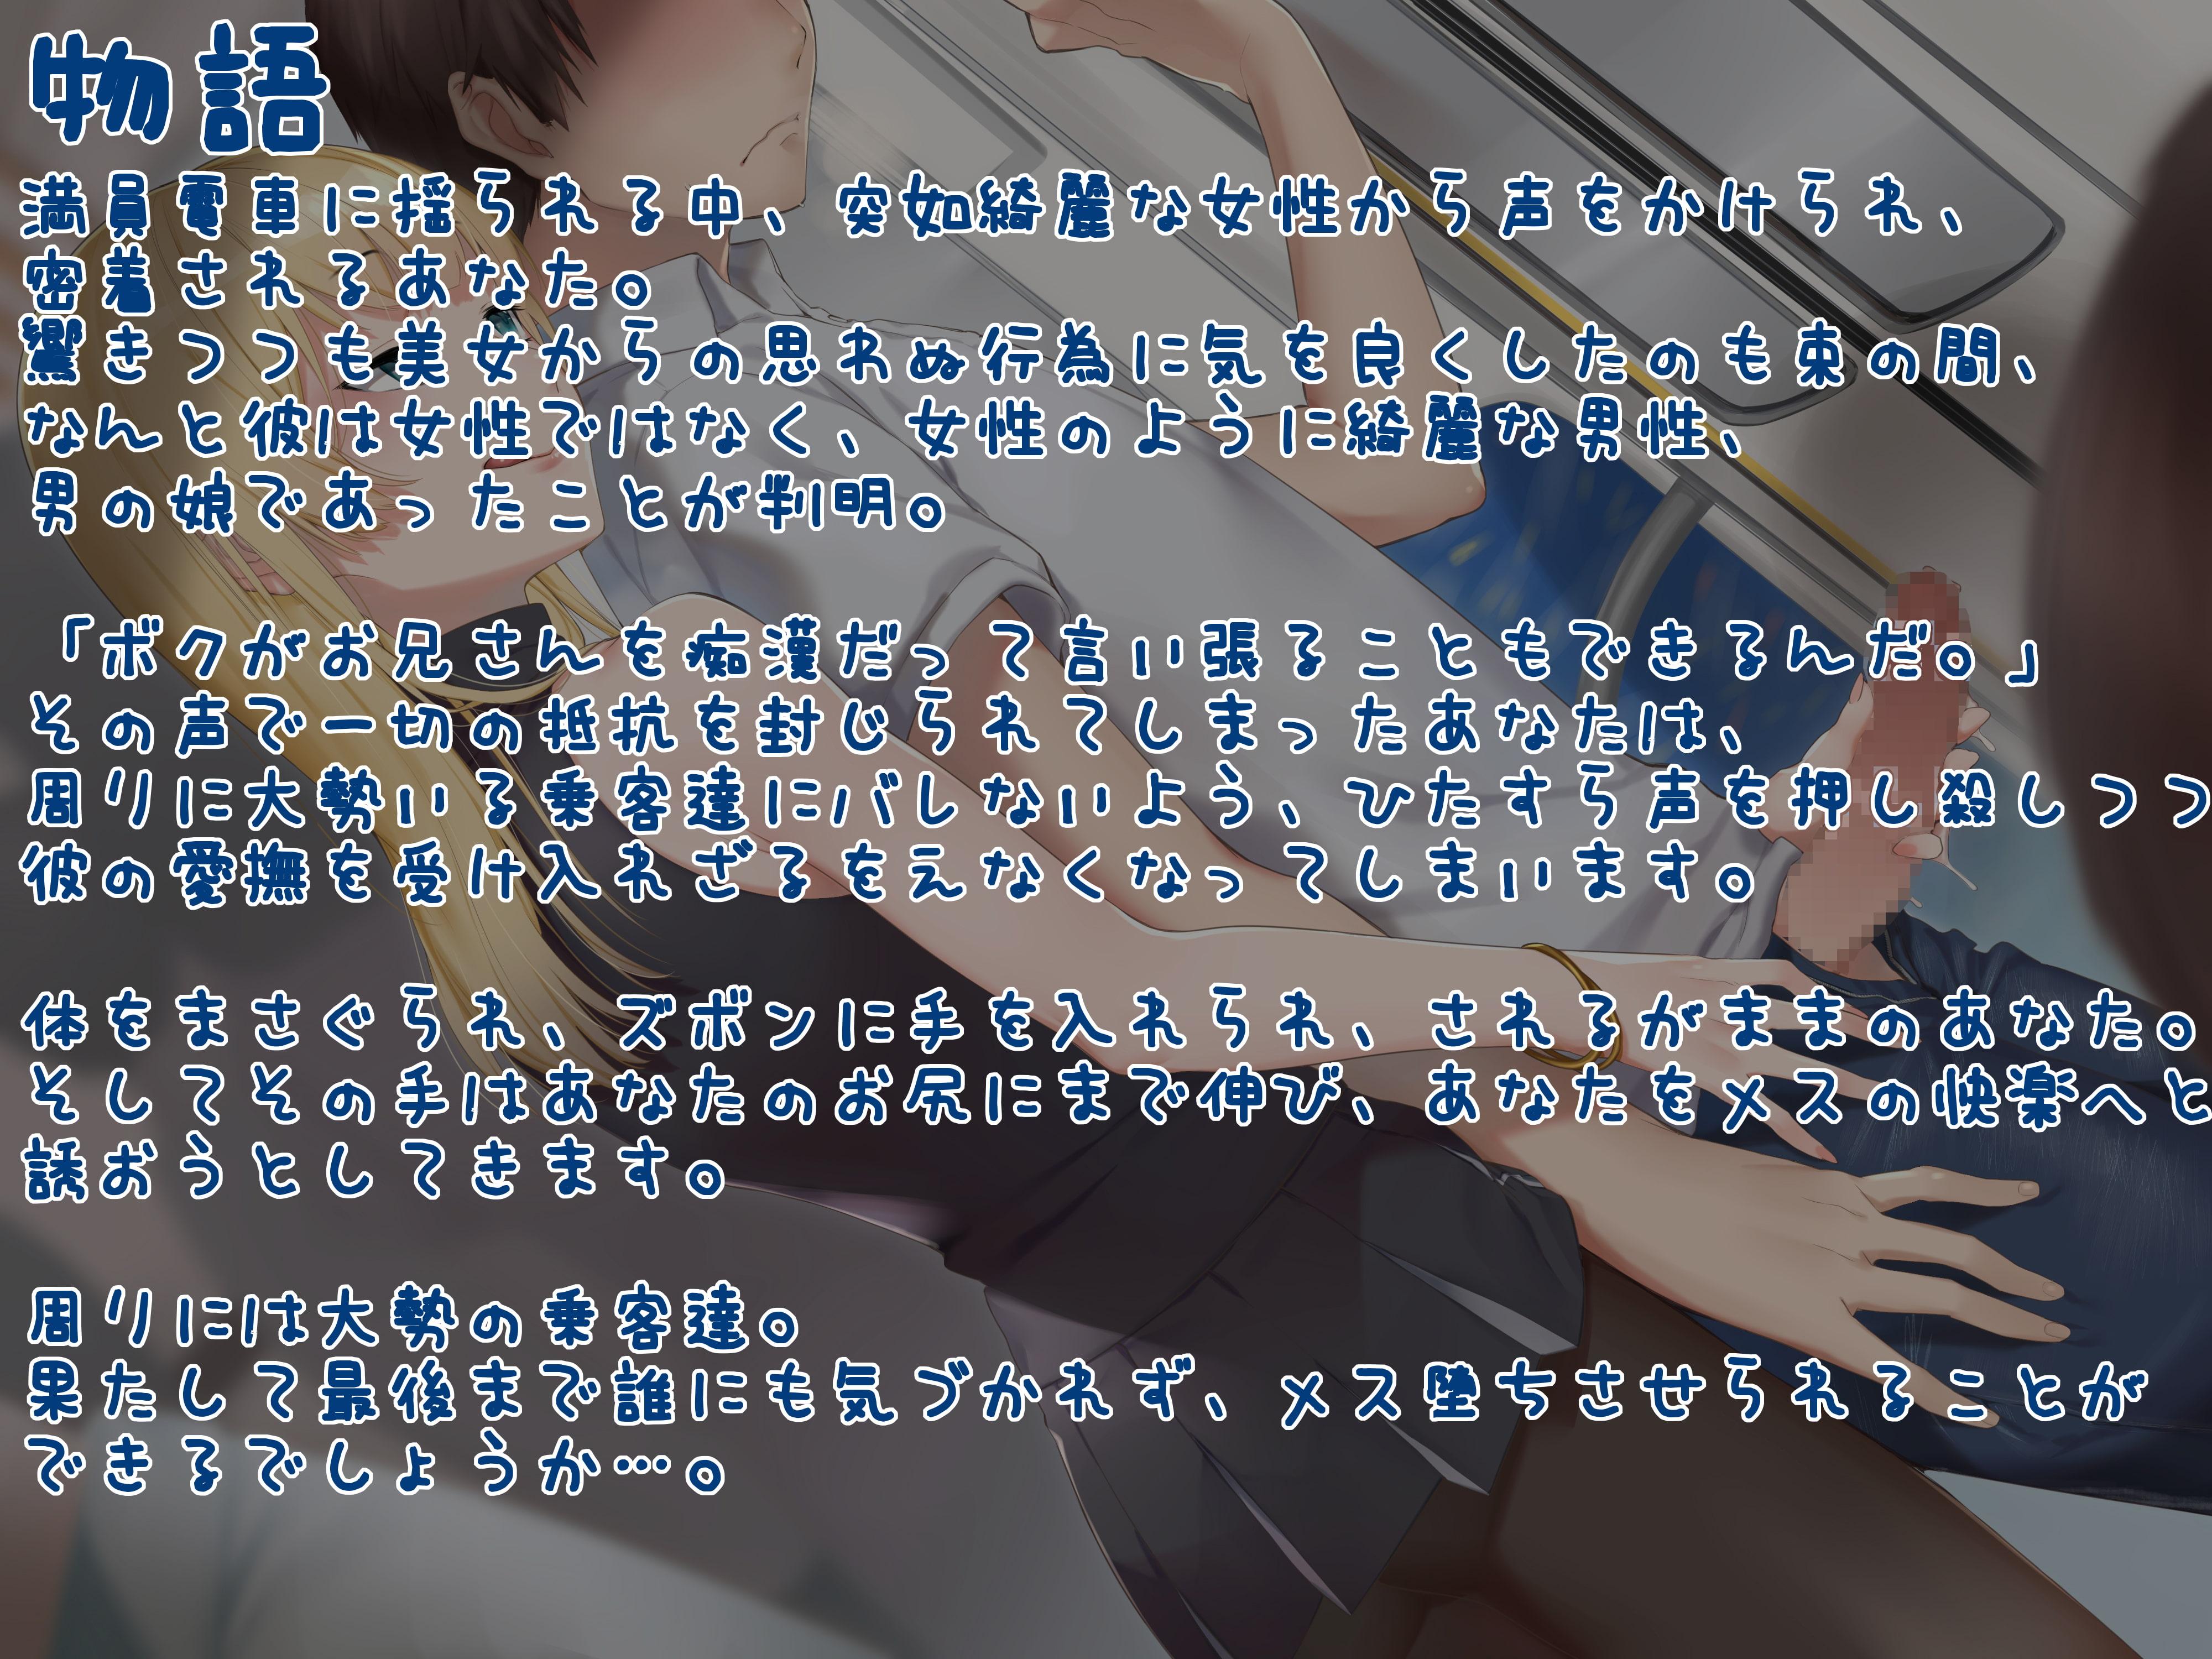 バリタチ男の娘のメス穴開発逆痴漢 〜バレずにメス堕ちできるかな?〜 [狐屋本舗]